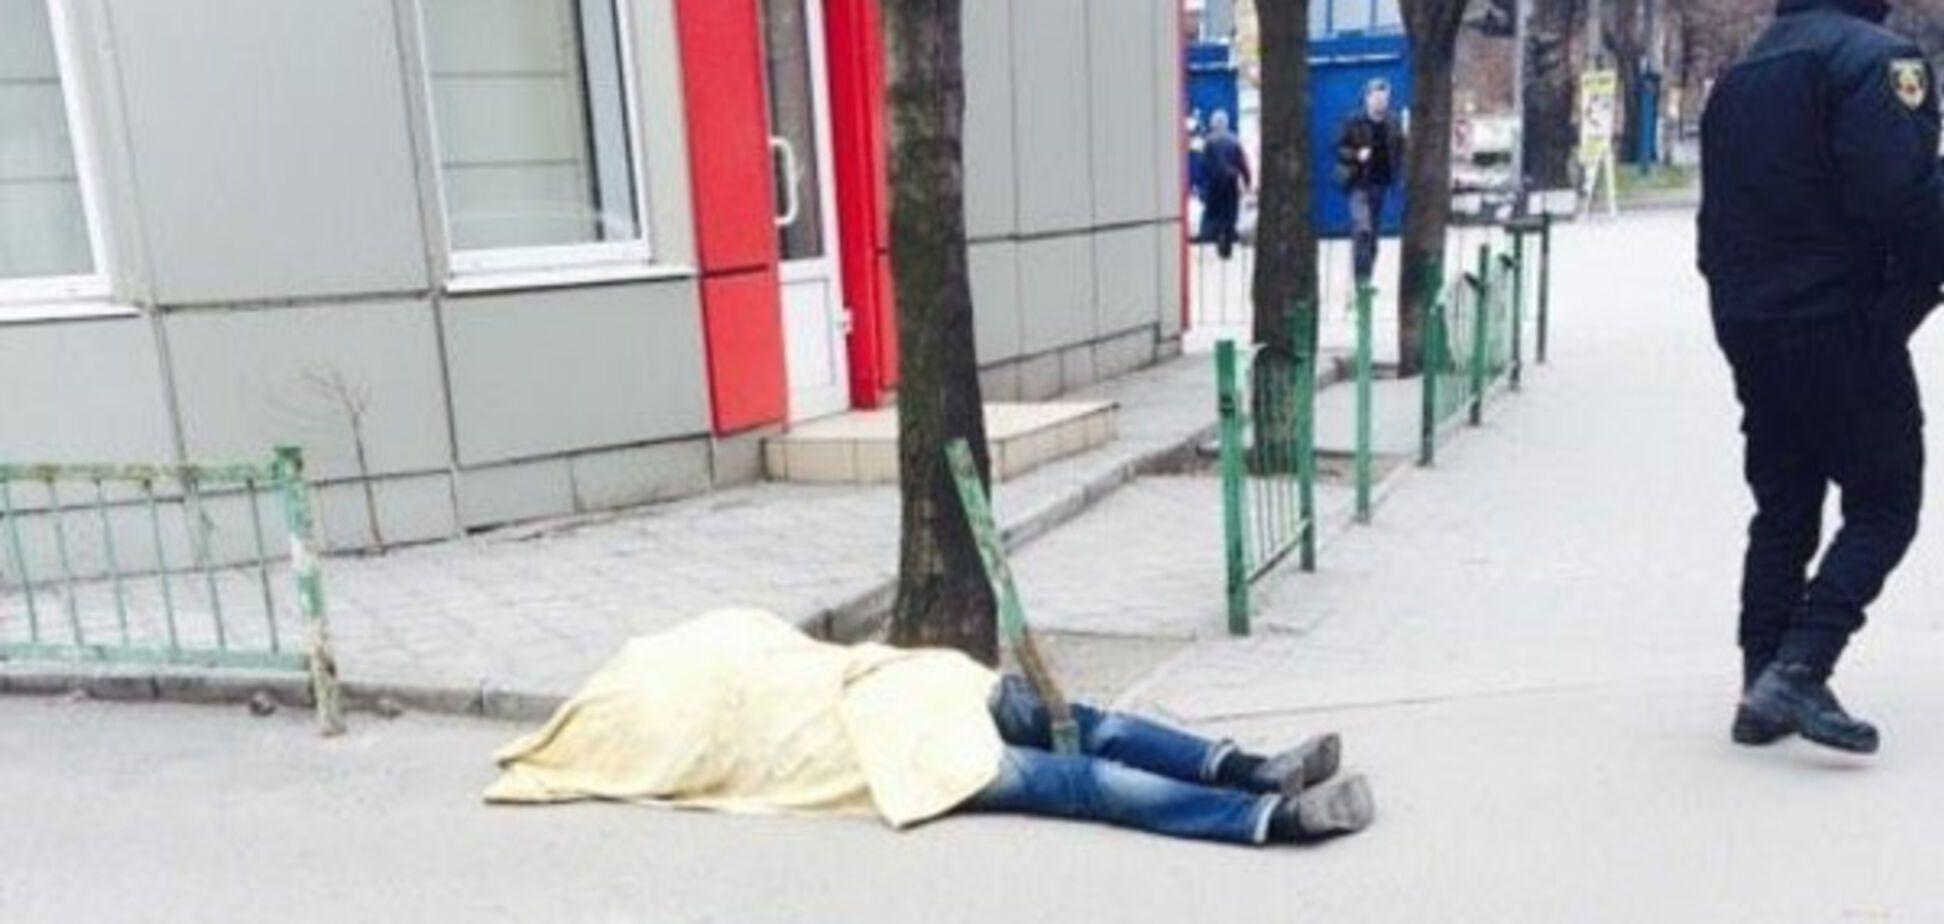 В Запорожье утром нашли бездыханное тело (ФОТО)